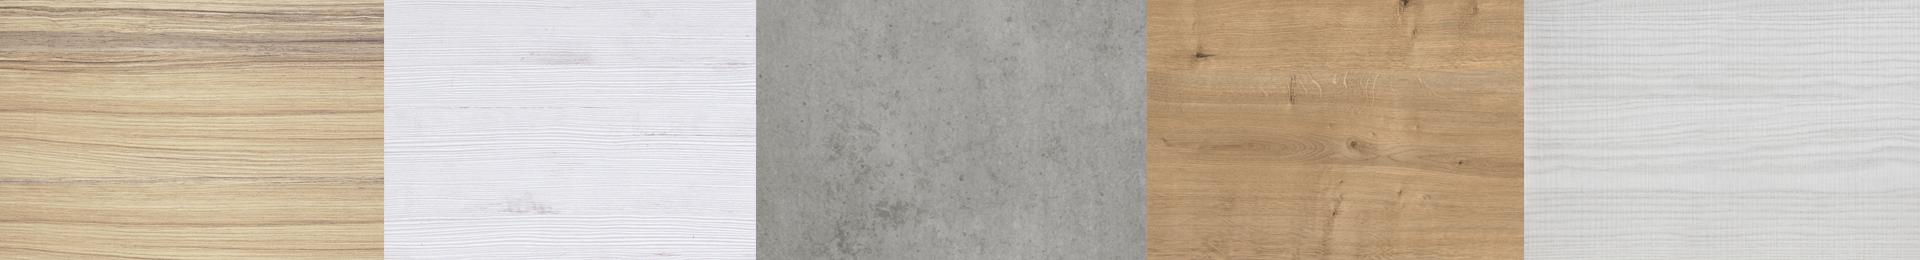 Meuble salle de bain bois mobilier en bois effet b ton cir for Meuble salle de bain effet beton cire